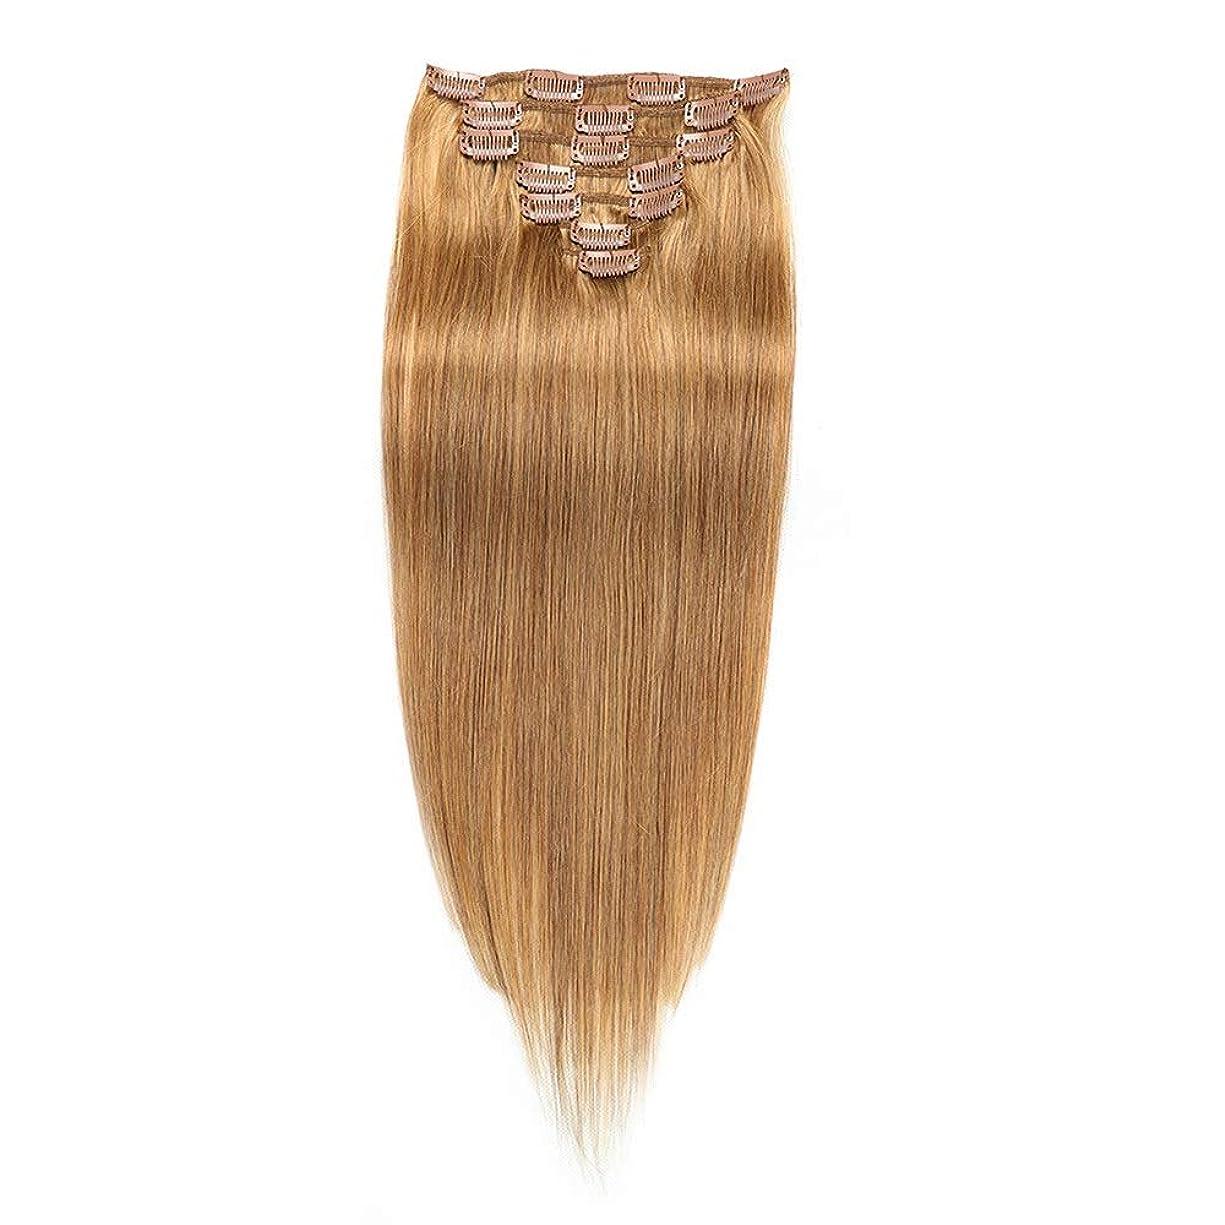 魔女黙認するトライアスロンHOHYLLYA 7個金髪人毛エクステンションクリップイン - #12明るいブロンドカラーストレートヘア22インチナチュラルルッキングロールプレッグウィッグレディースナチュラルウィッグ (色 : #12 blonde)